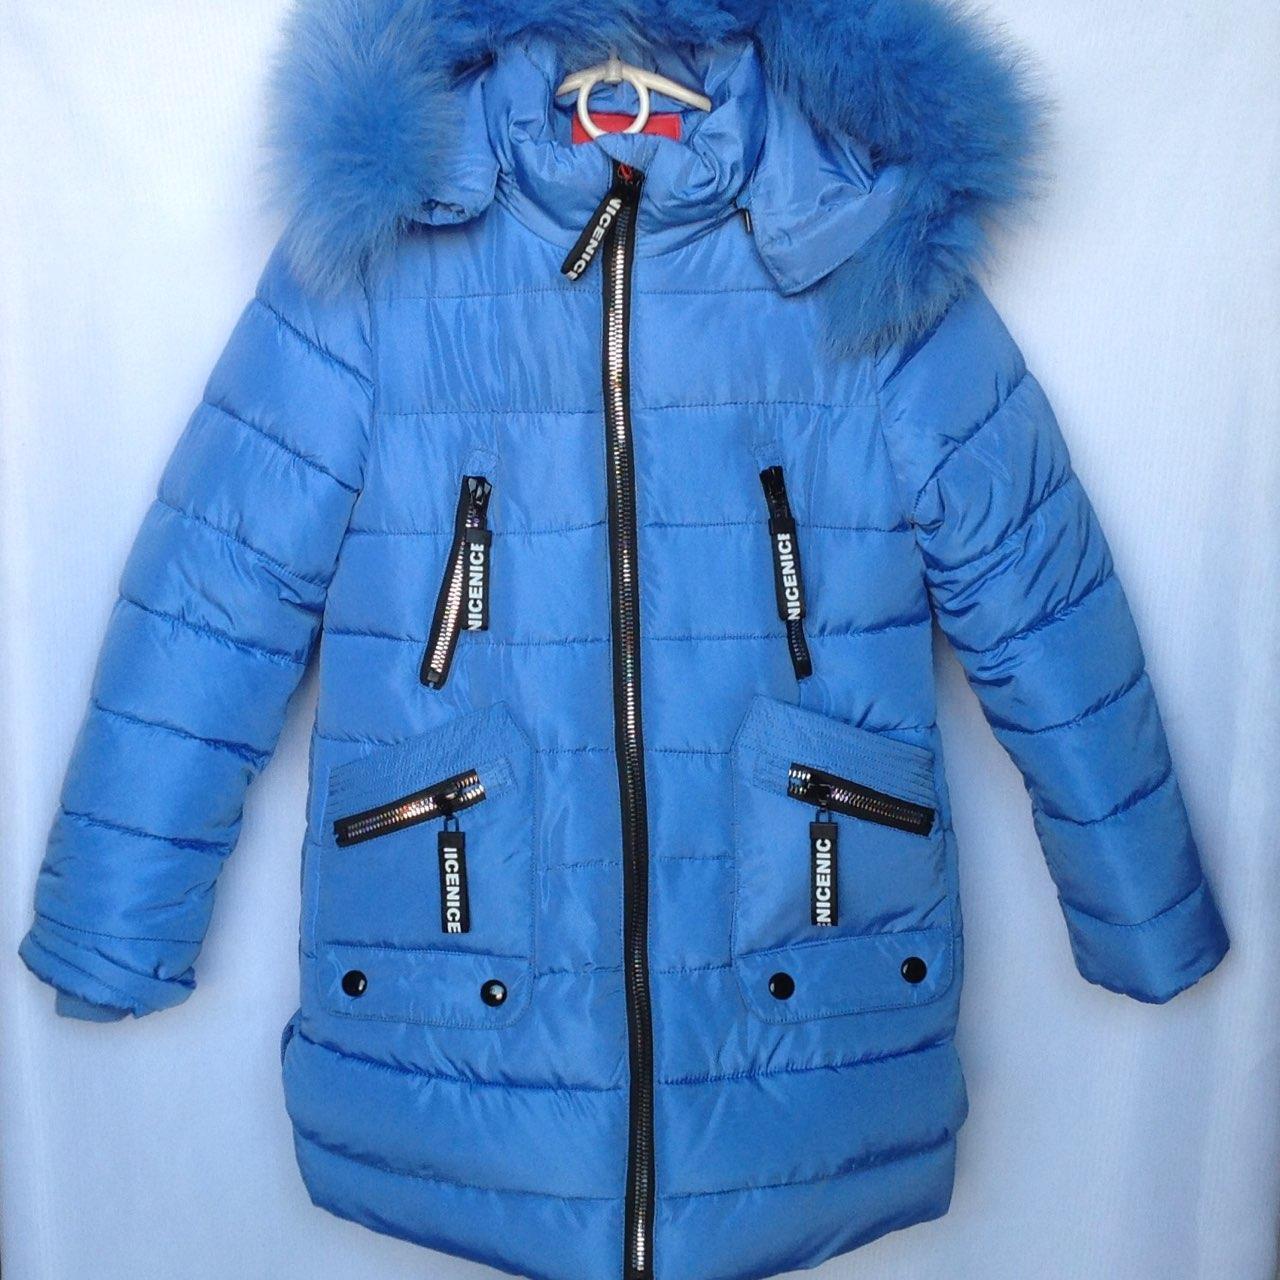 ec09c5e760d Куртка подростковая зимняя MNK  6014 для девочек. 134-158 см (9-13 лет).  Электрик. Оптом.